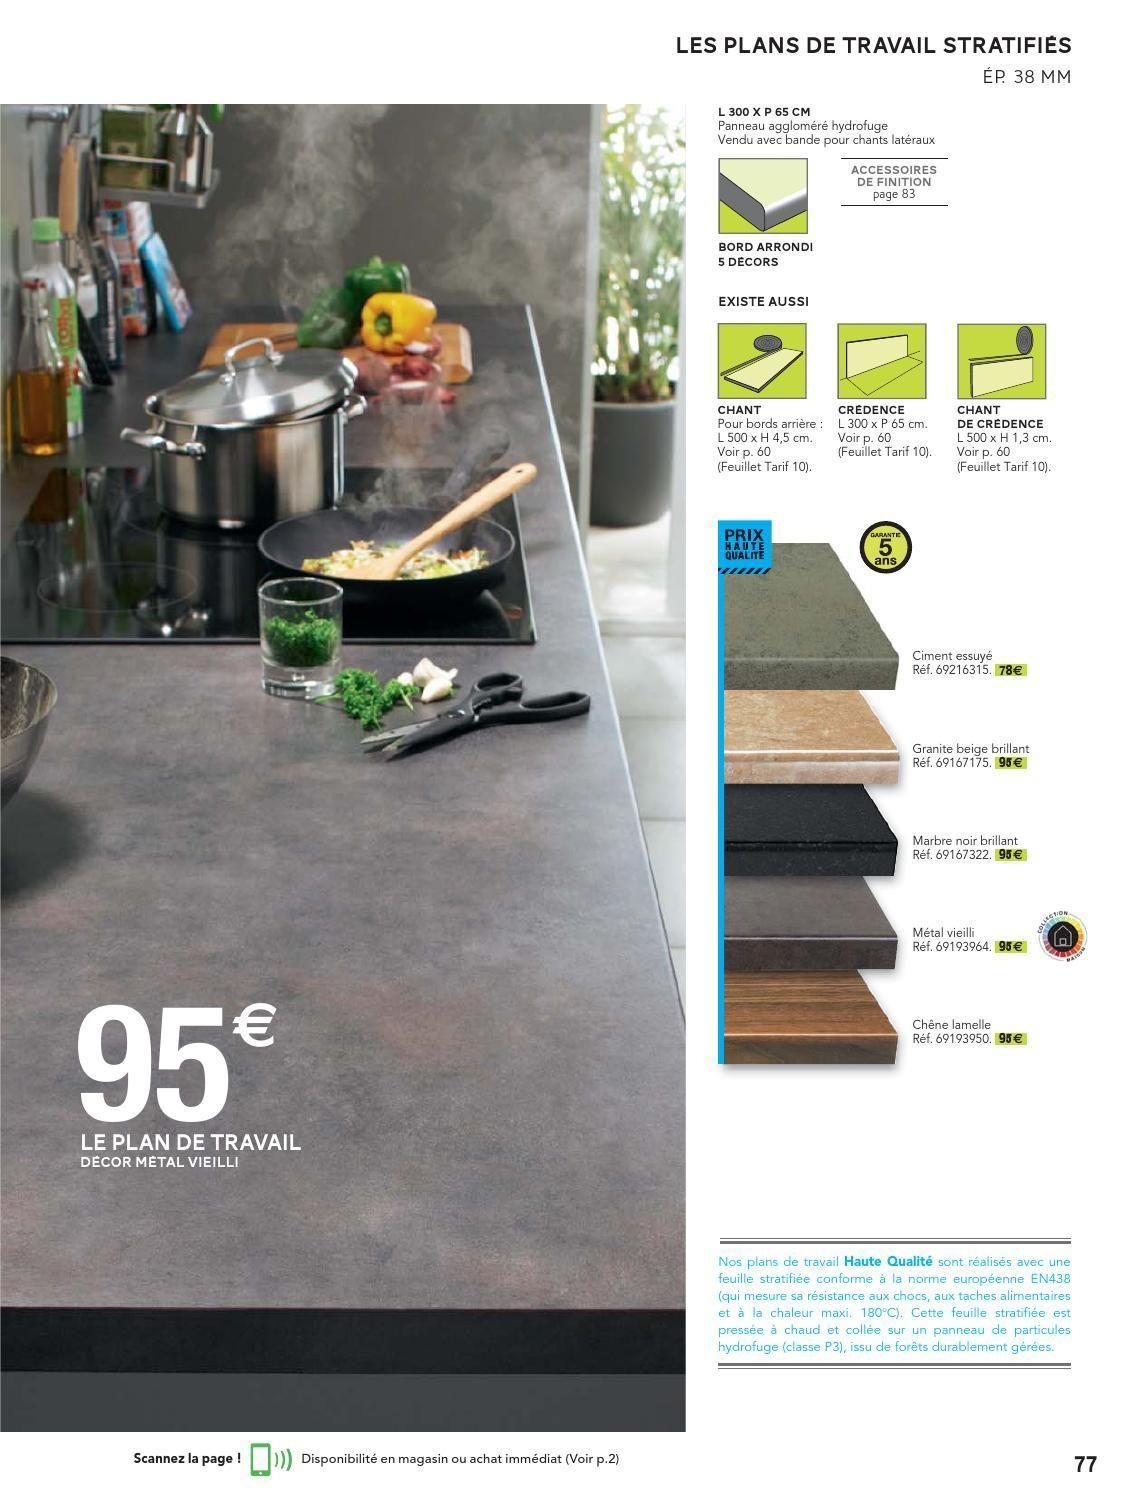 Catalogue Leroy Merlin 10 03 30 04 2014 Plan De Travail Stratifie Plan De Travail Decoration